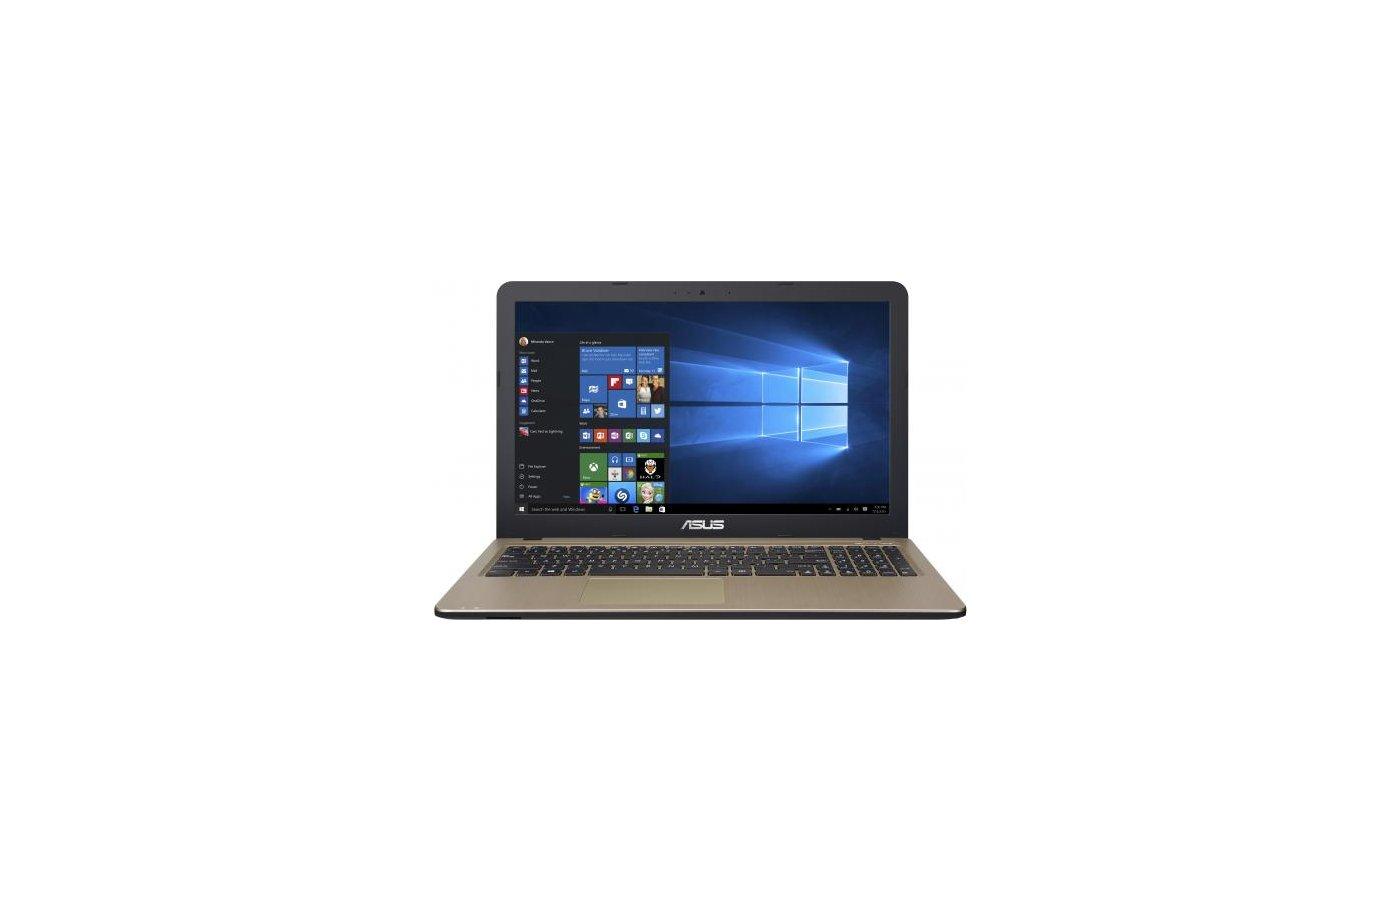 Ноутбук ASUS X540LA-XX002T /90NB0B01-M05890/ intel i3 4005U/4Gb/500Gb/DVDRW/15.6/WiFi/Win10